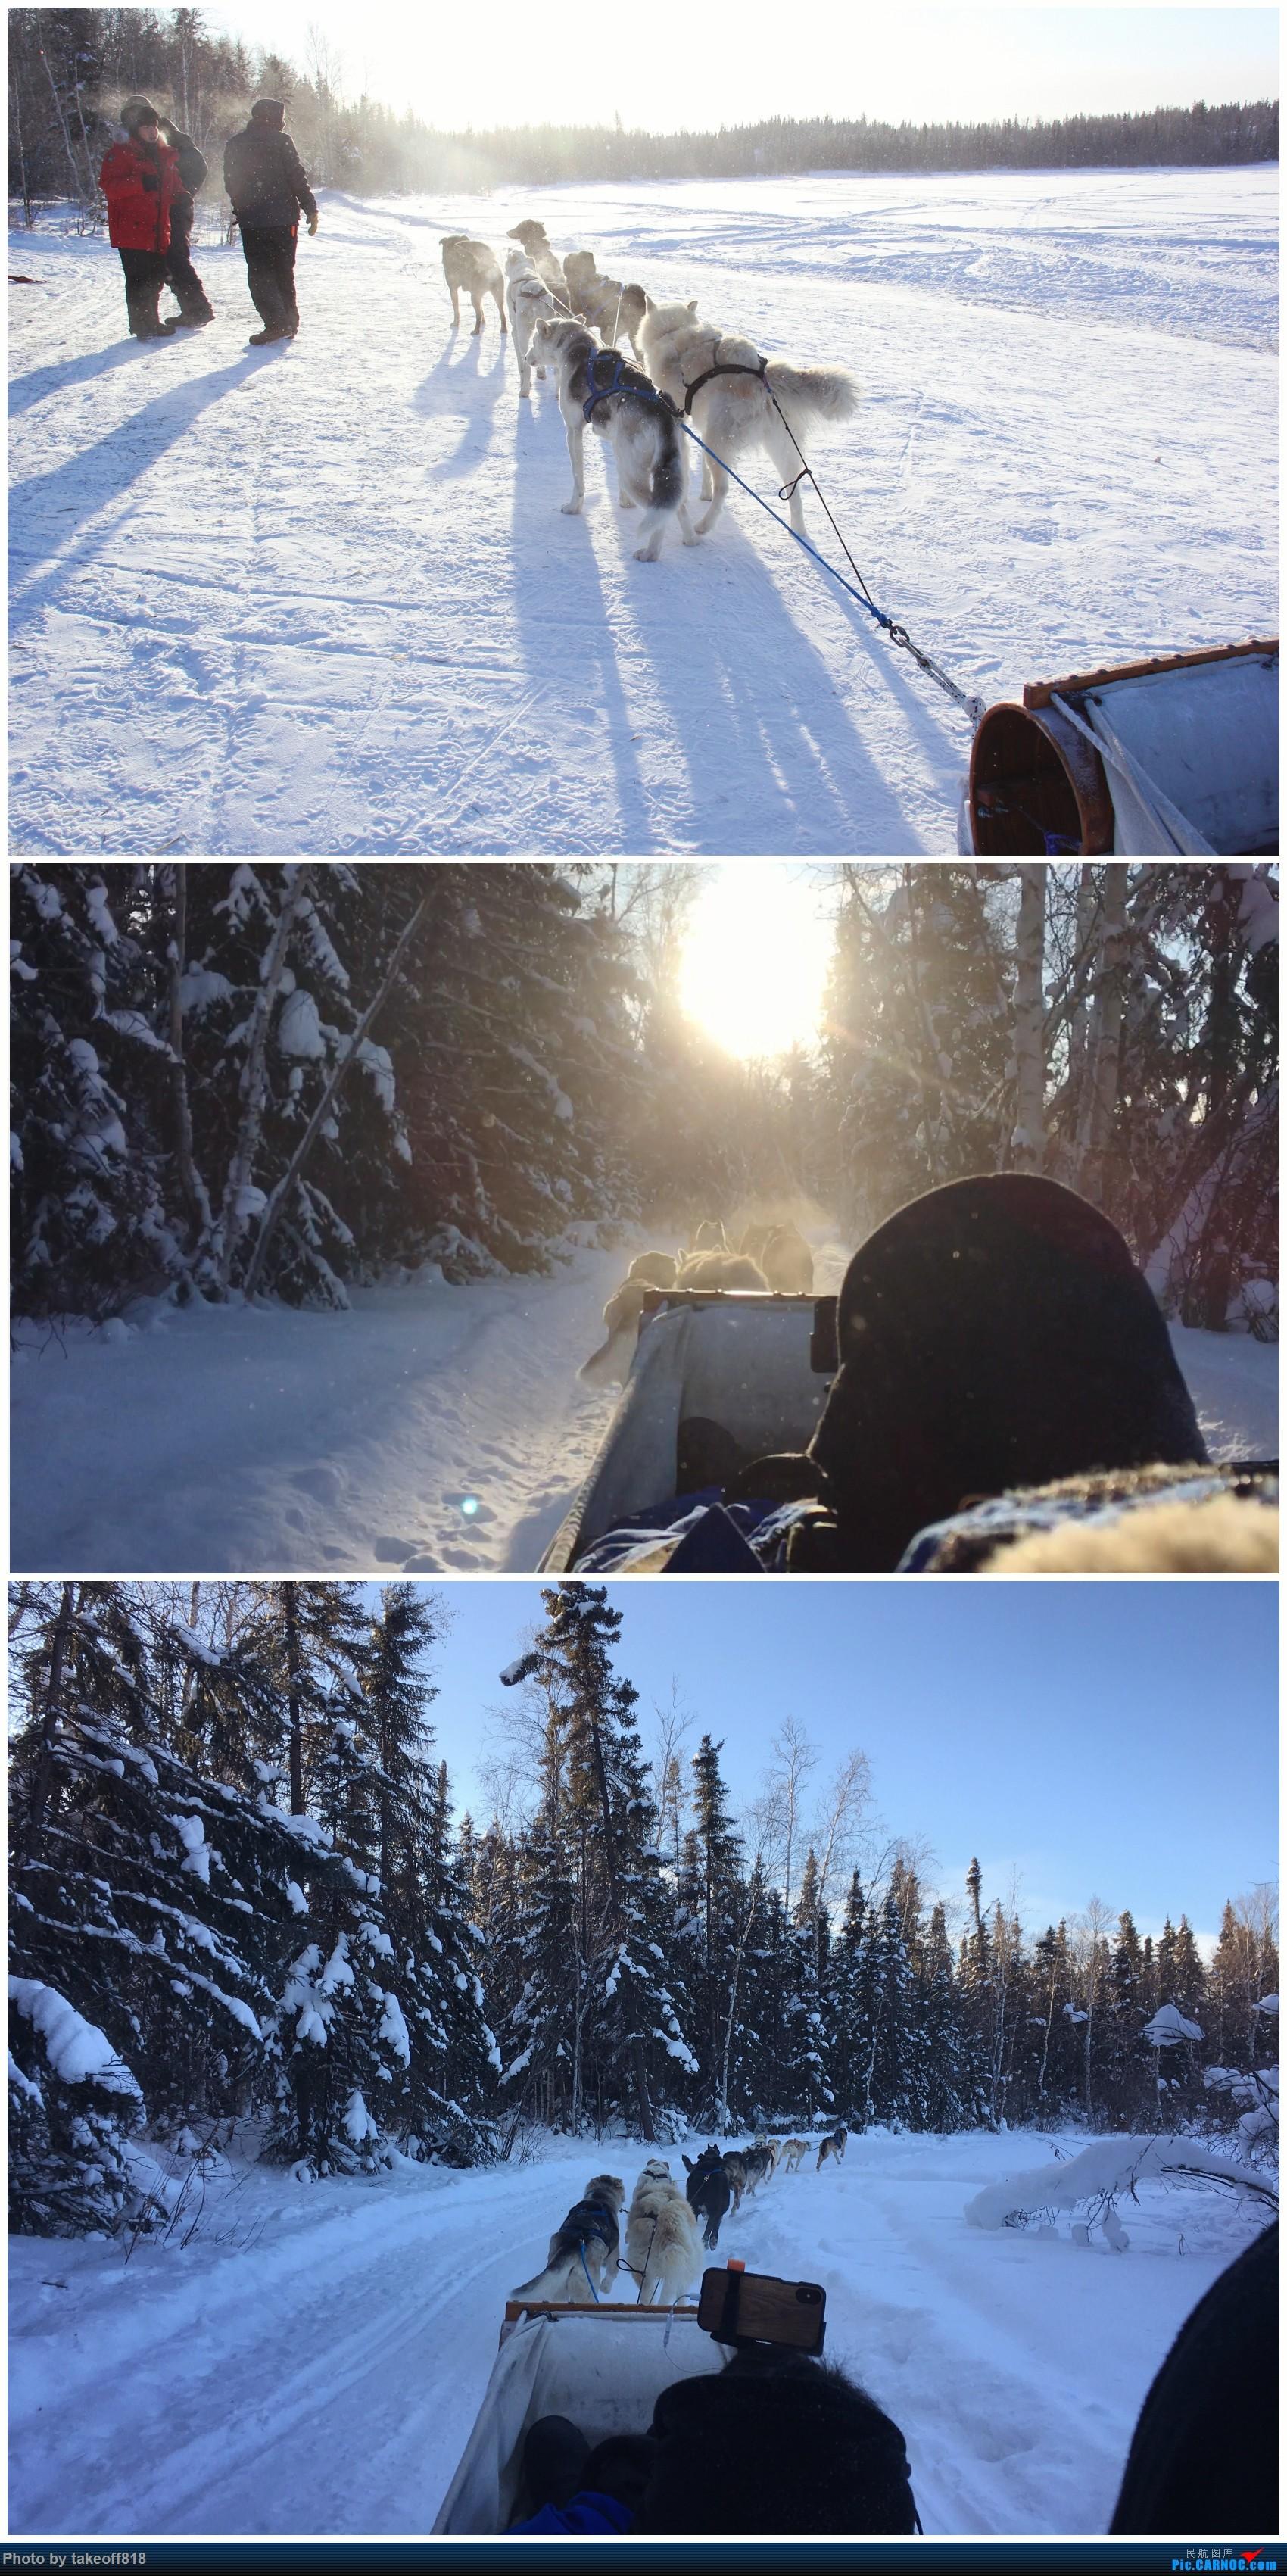 Re:[原创]深冬加拿大之行,西北领地,零下33度,体感温度零下50度,感受严寒。